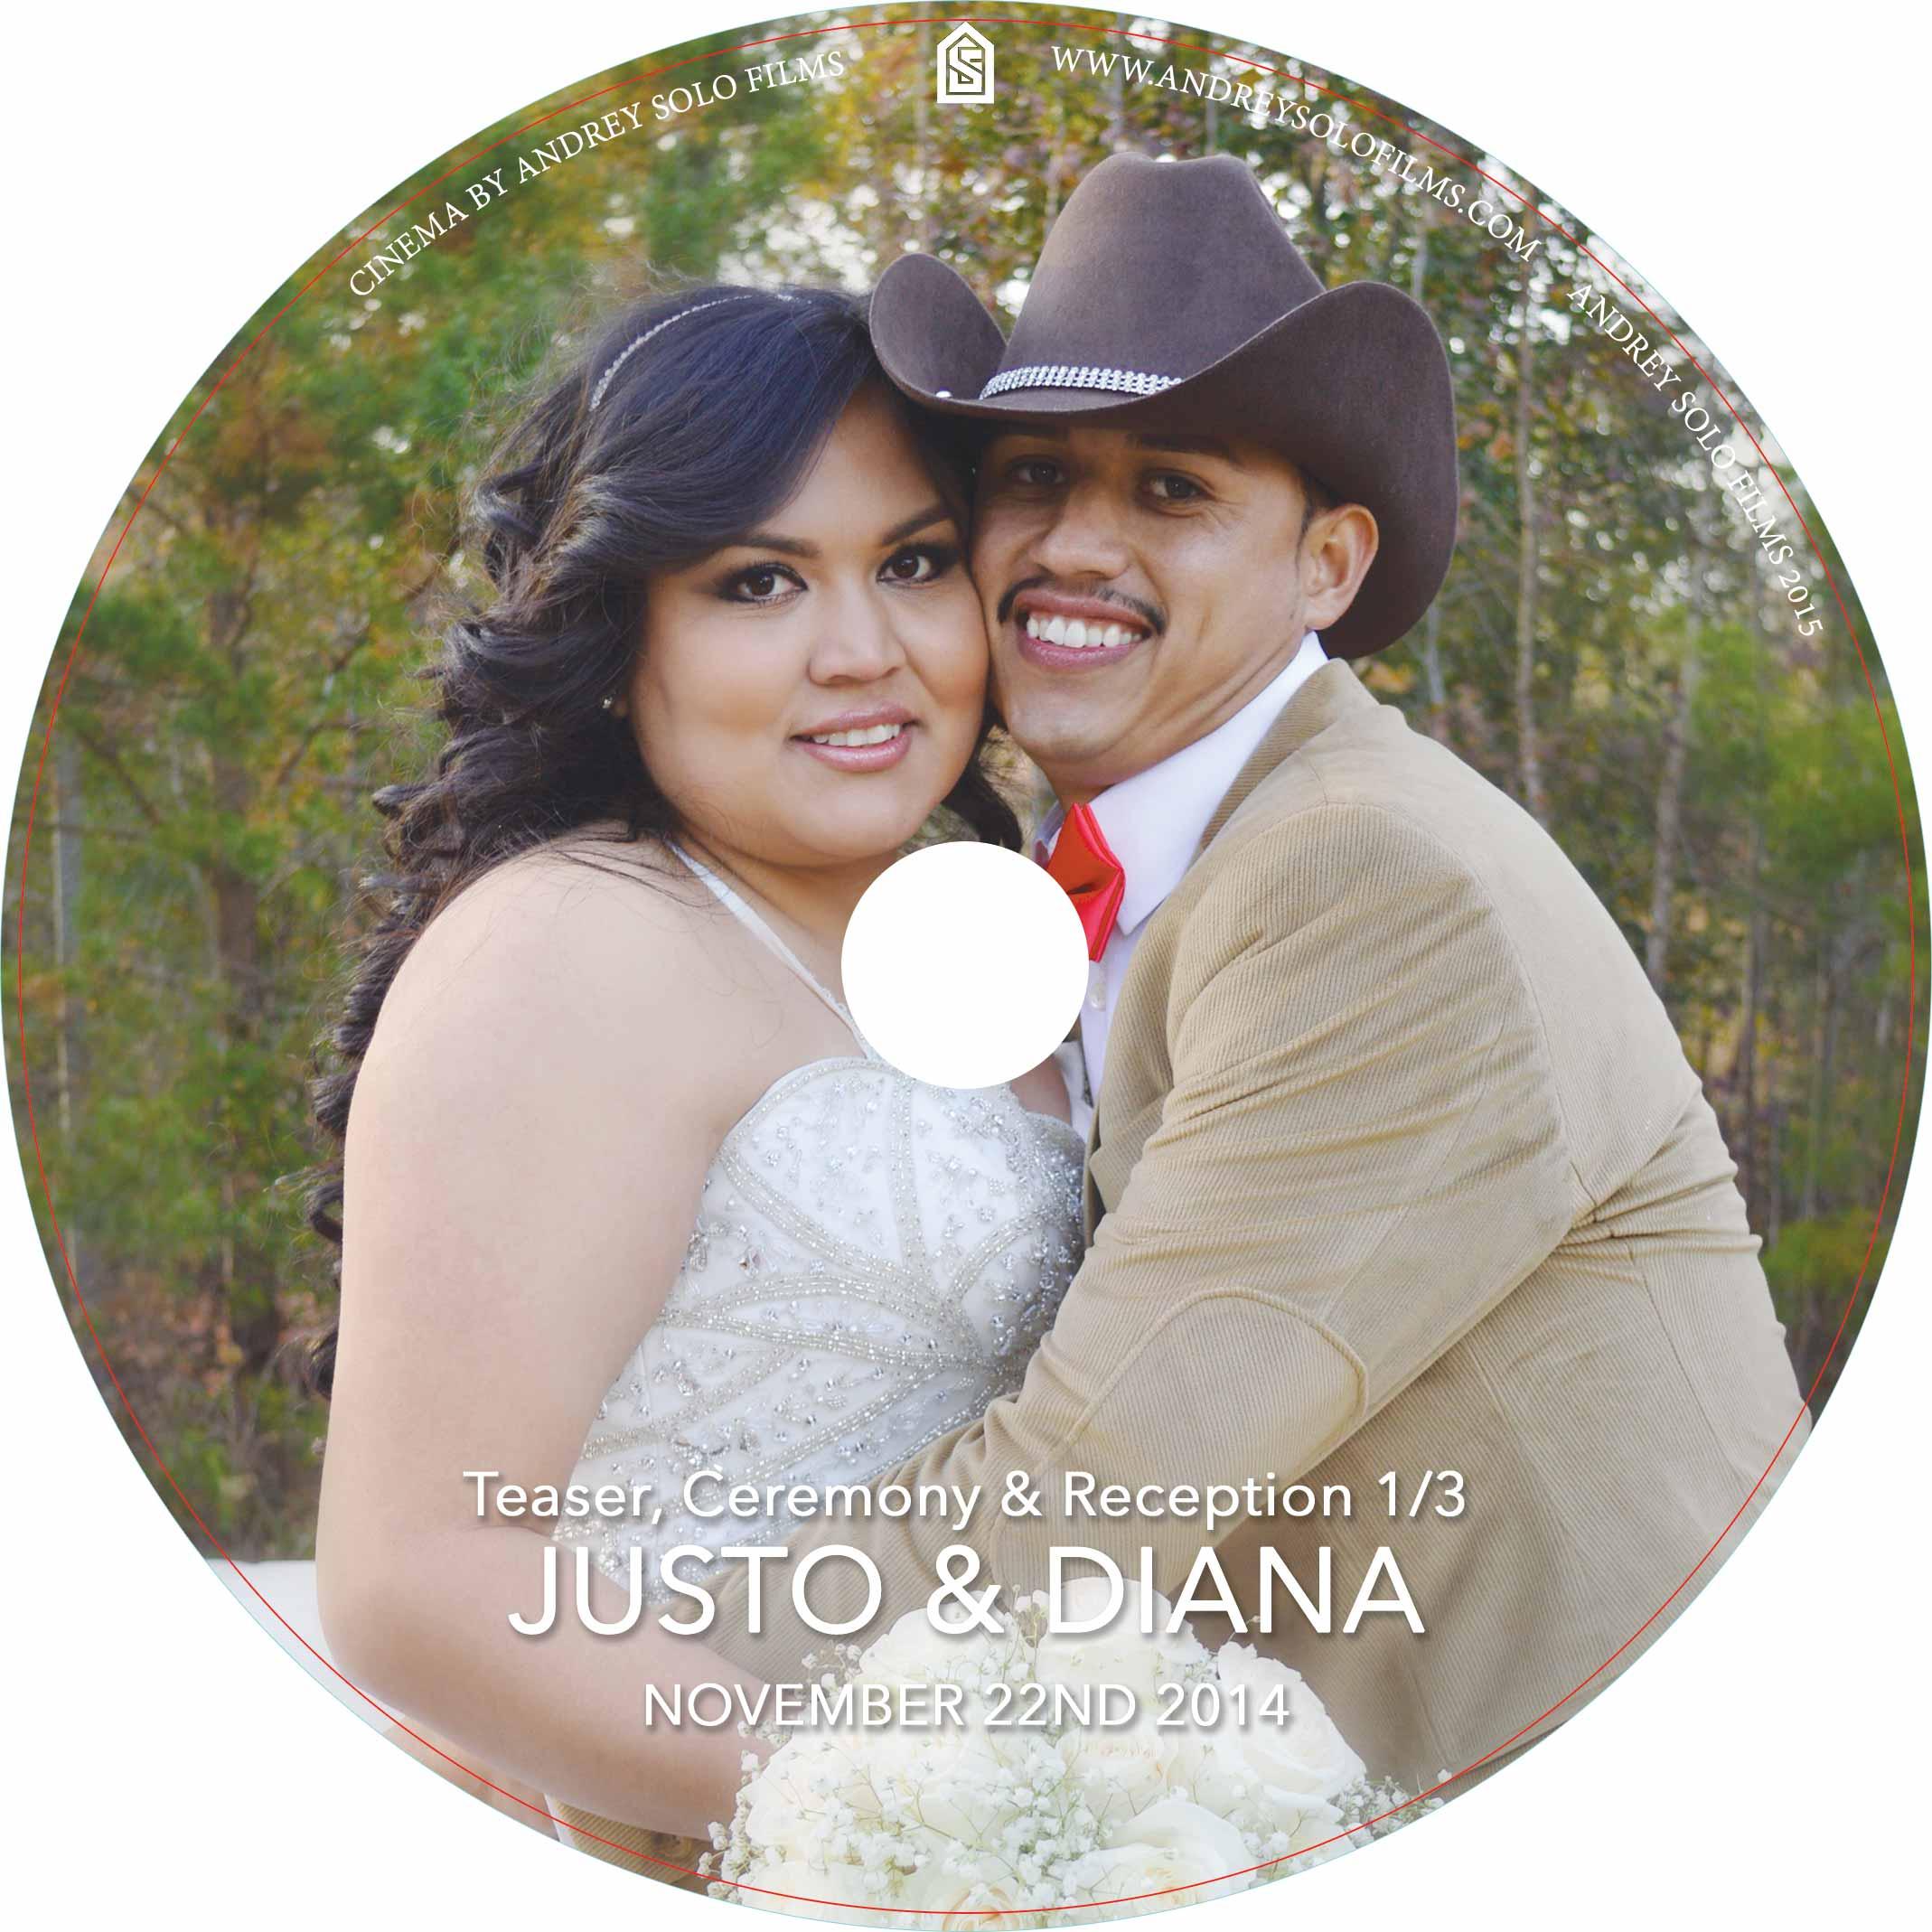 DVD-Disc-Template-2015-Disc-1wtemp.jpg